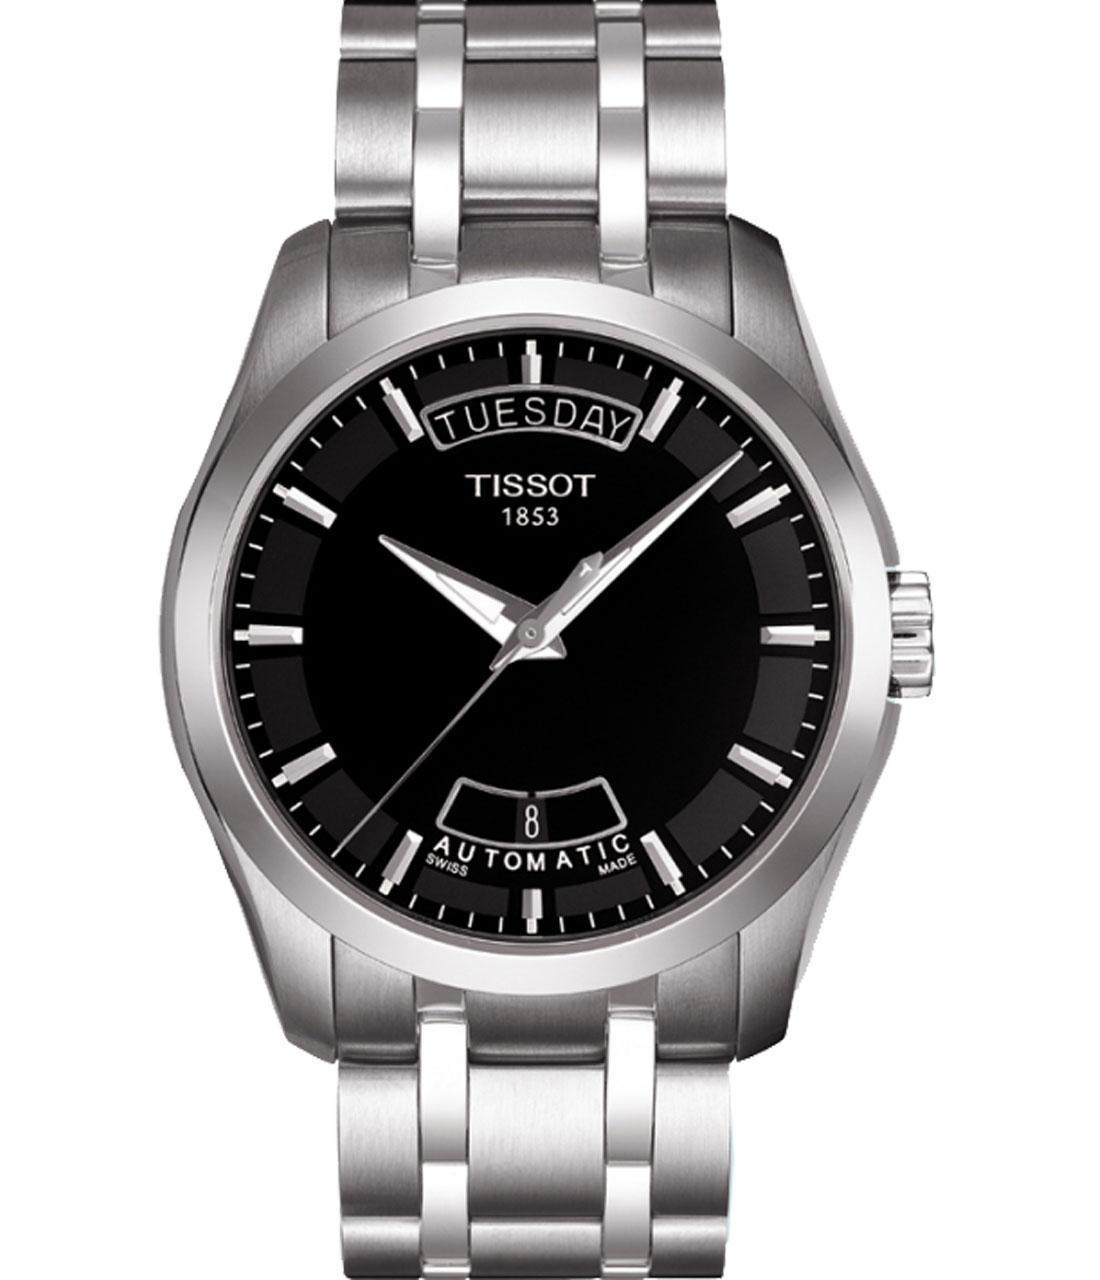 天梭TISSOT-库图系列 T035.407.11.051.00 机械男表